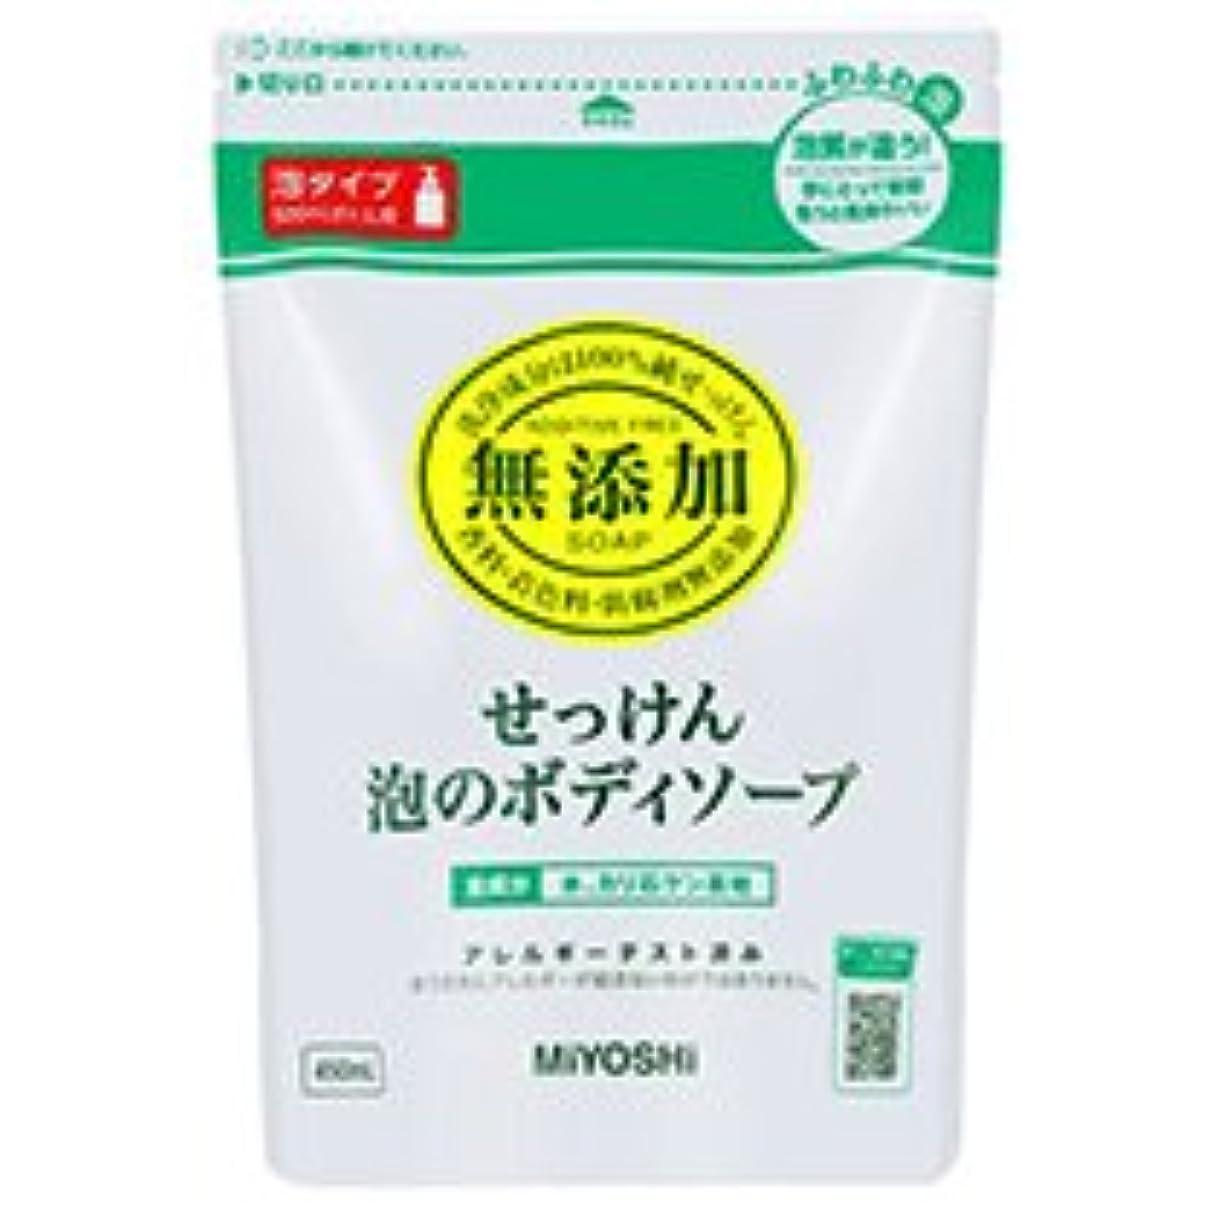 聖歌うまくやる()おかしいミヨシ石鹸 無添加せっけん 泡のボディソープ 詰替用 450ml 1個